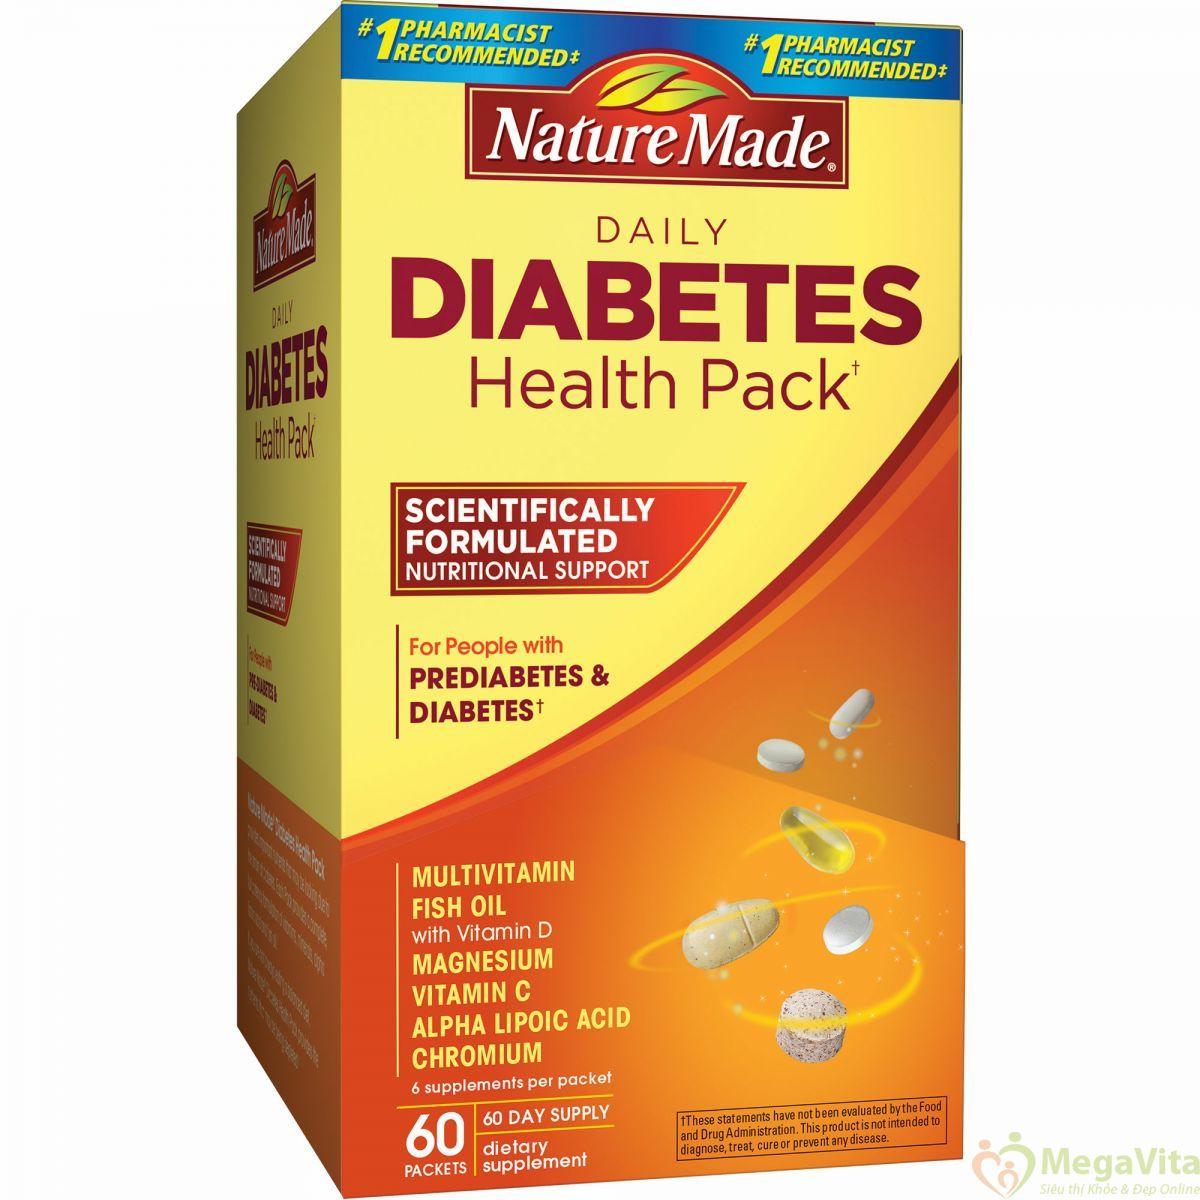 Top 3 thực phẩm chức năng cho người tiểu đường tốt hiện nay